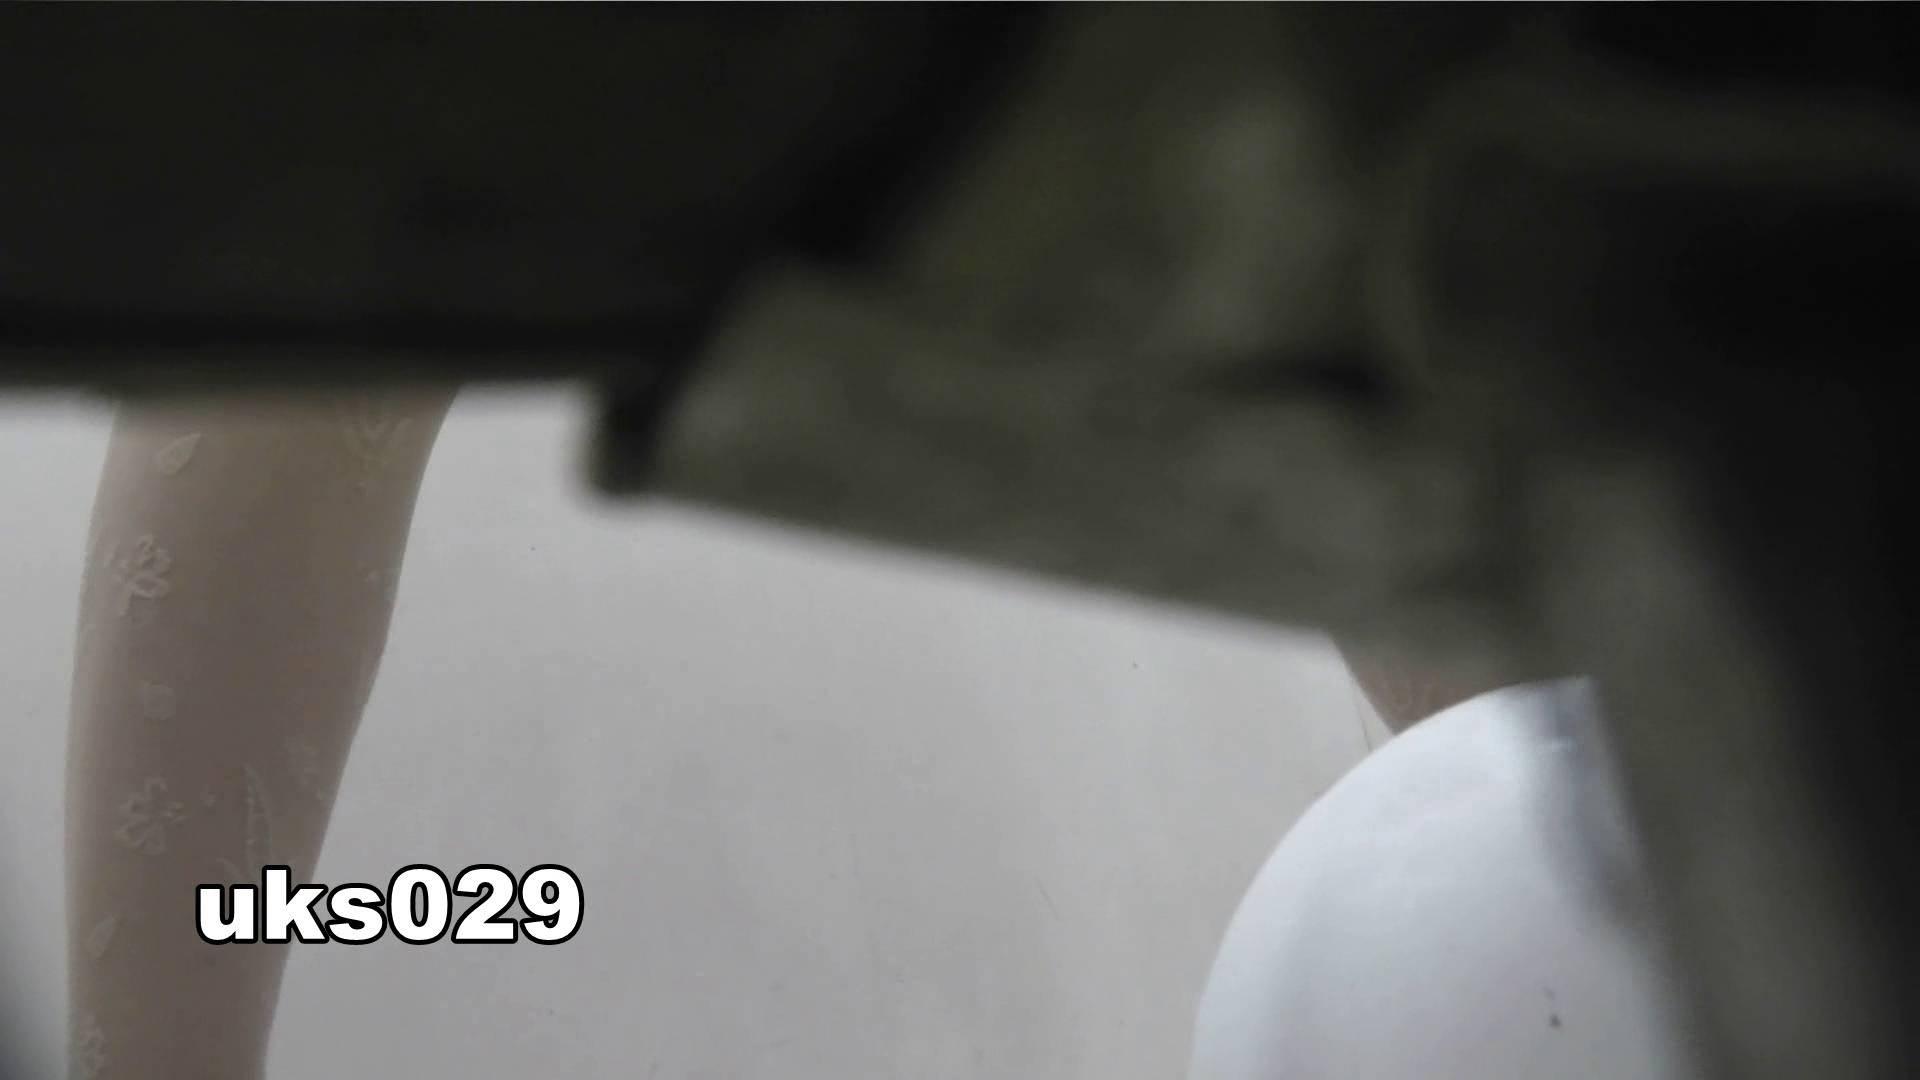 【美しき個室な世界】 vol.029 澄ました顔してにょろにょろ~ OLのボディ | 洗面所  53PIX 41